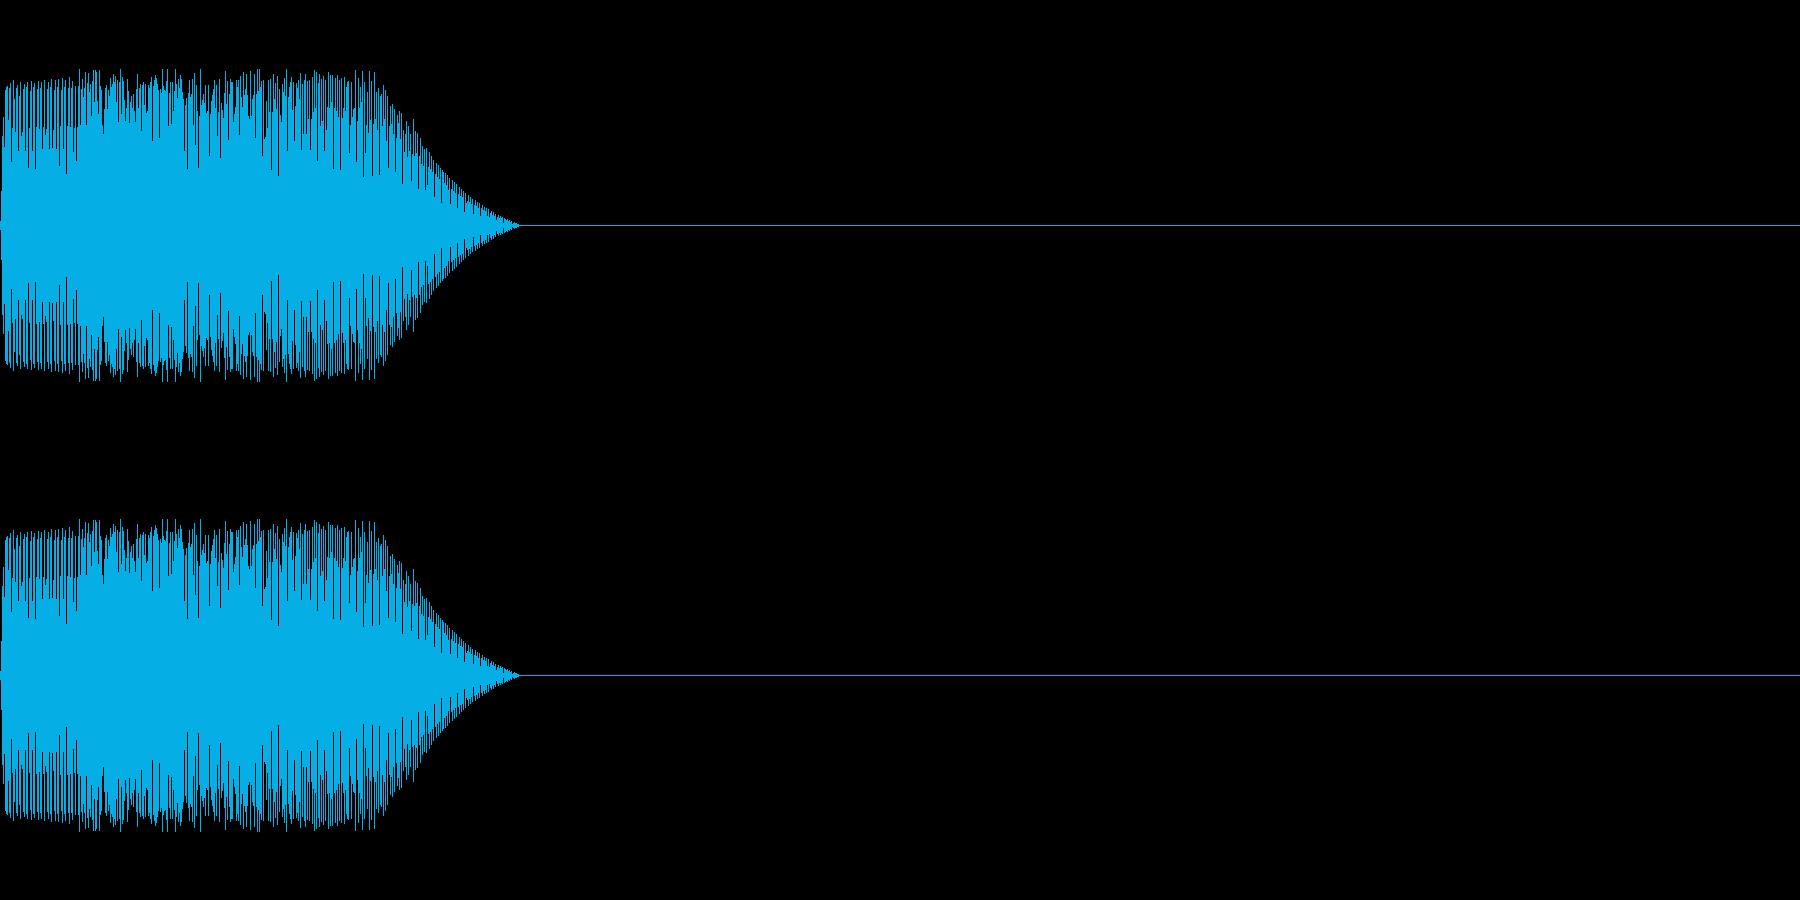 シンセサイザー 場面・シーン切り替え等の再生済みの波形